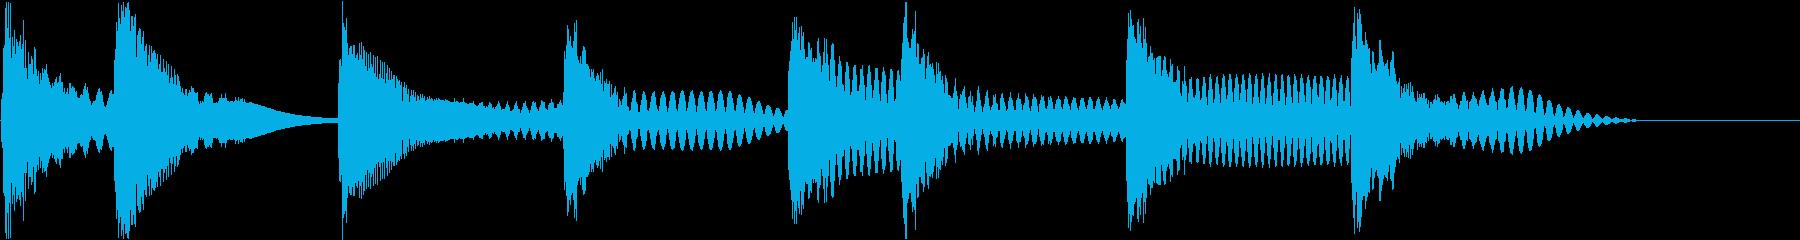 着信音 ループ お知らせ 通知 海 4の再生済みの波形